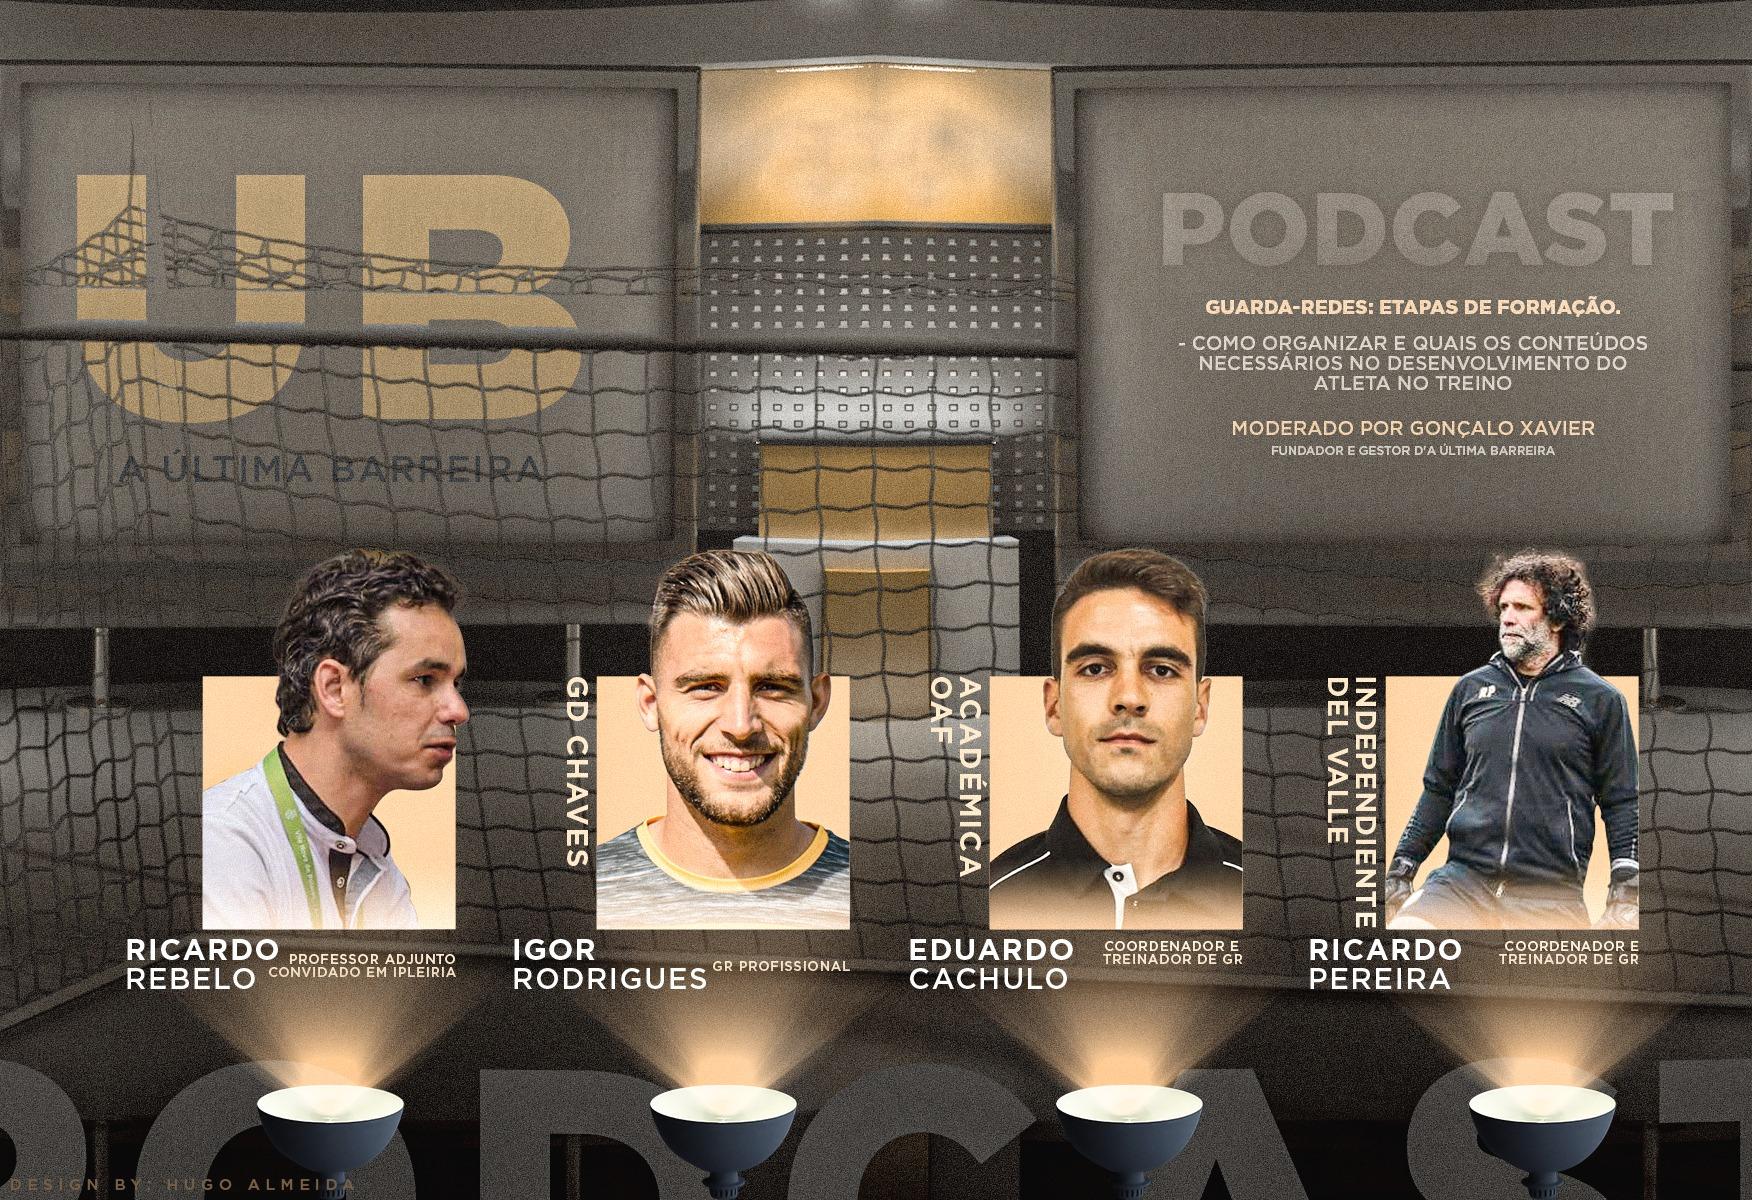 """5# Podcast UB (Mesa Redonda): """"Guarda-redes: Etapas de Formação"""""""